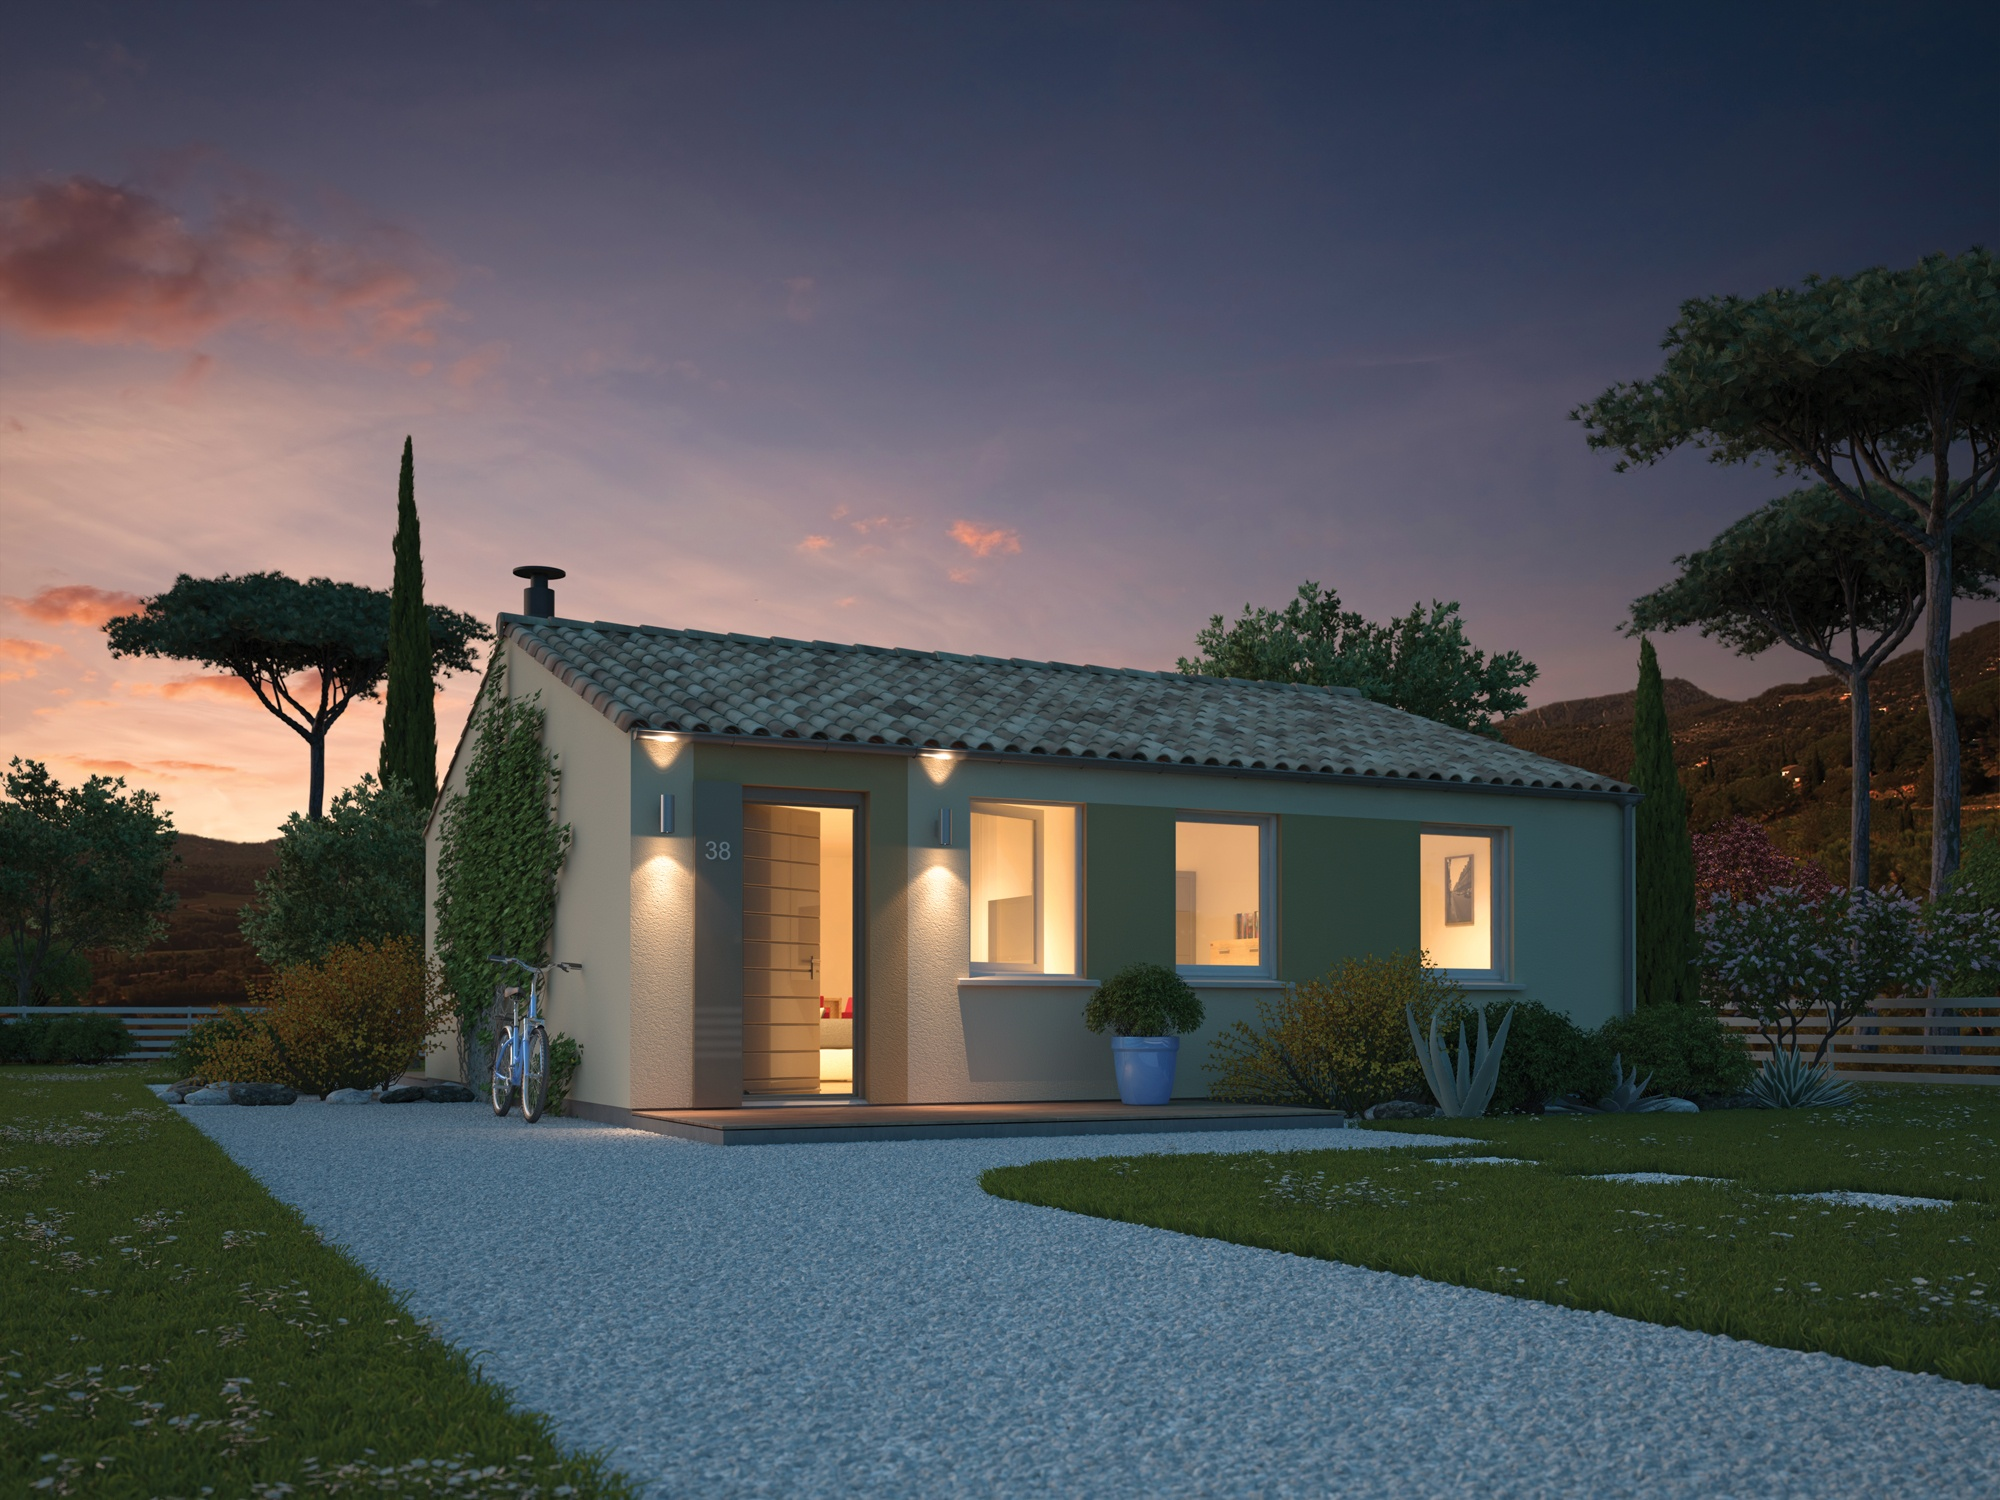 Maisons + Terrains du constructeur MAISONS PHENIX • 70 m² • CHATUZANGE LE GOUBET